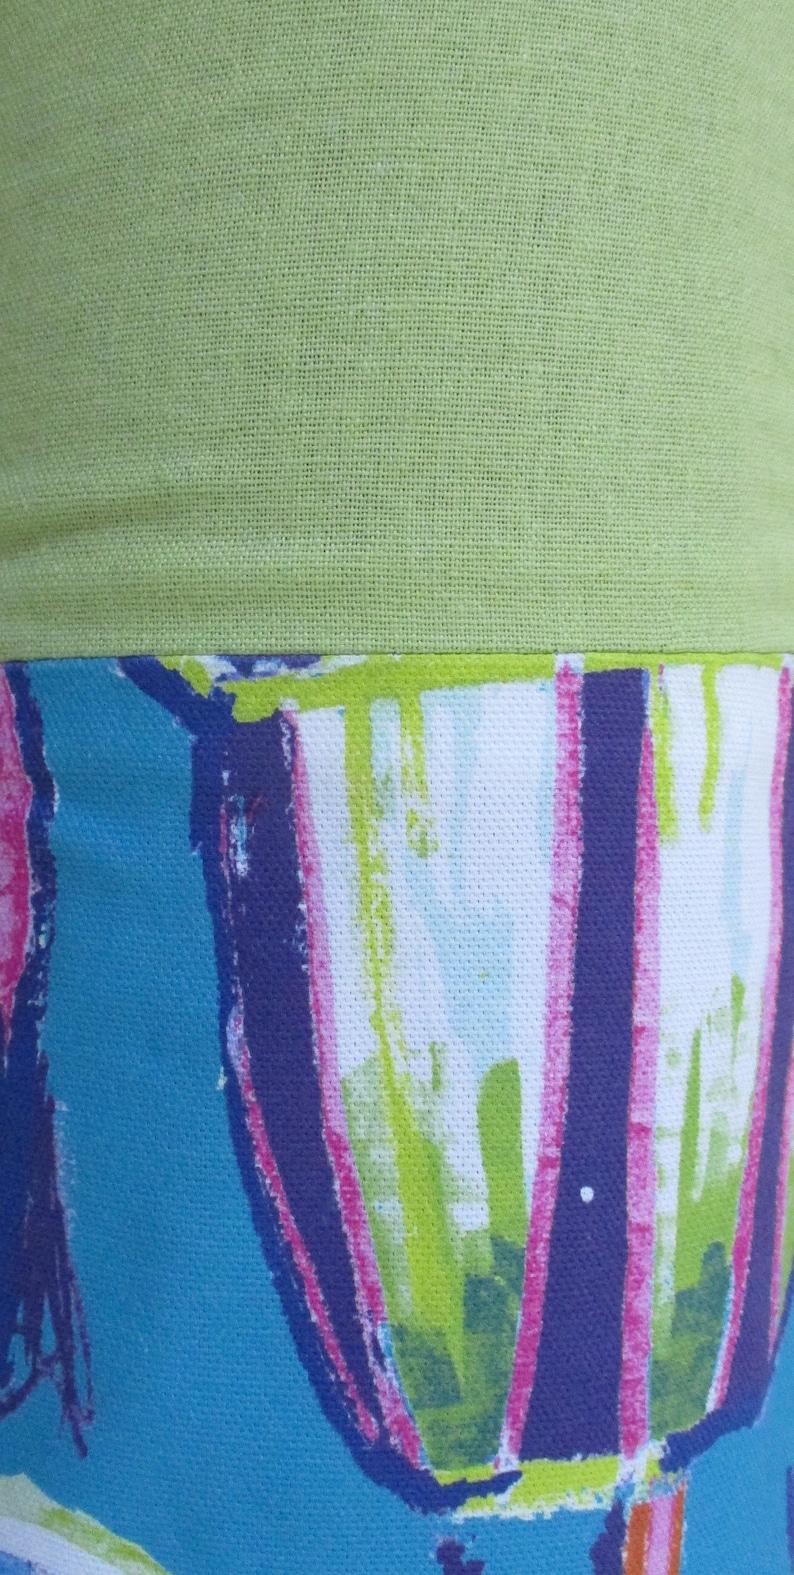 Washable Drawstring Yoga Mat Bag Yoga Mat Bag with zipped pocket Large Patterned Yoga Mat Bag Weird Creatures Print Yoga Mat Bag